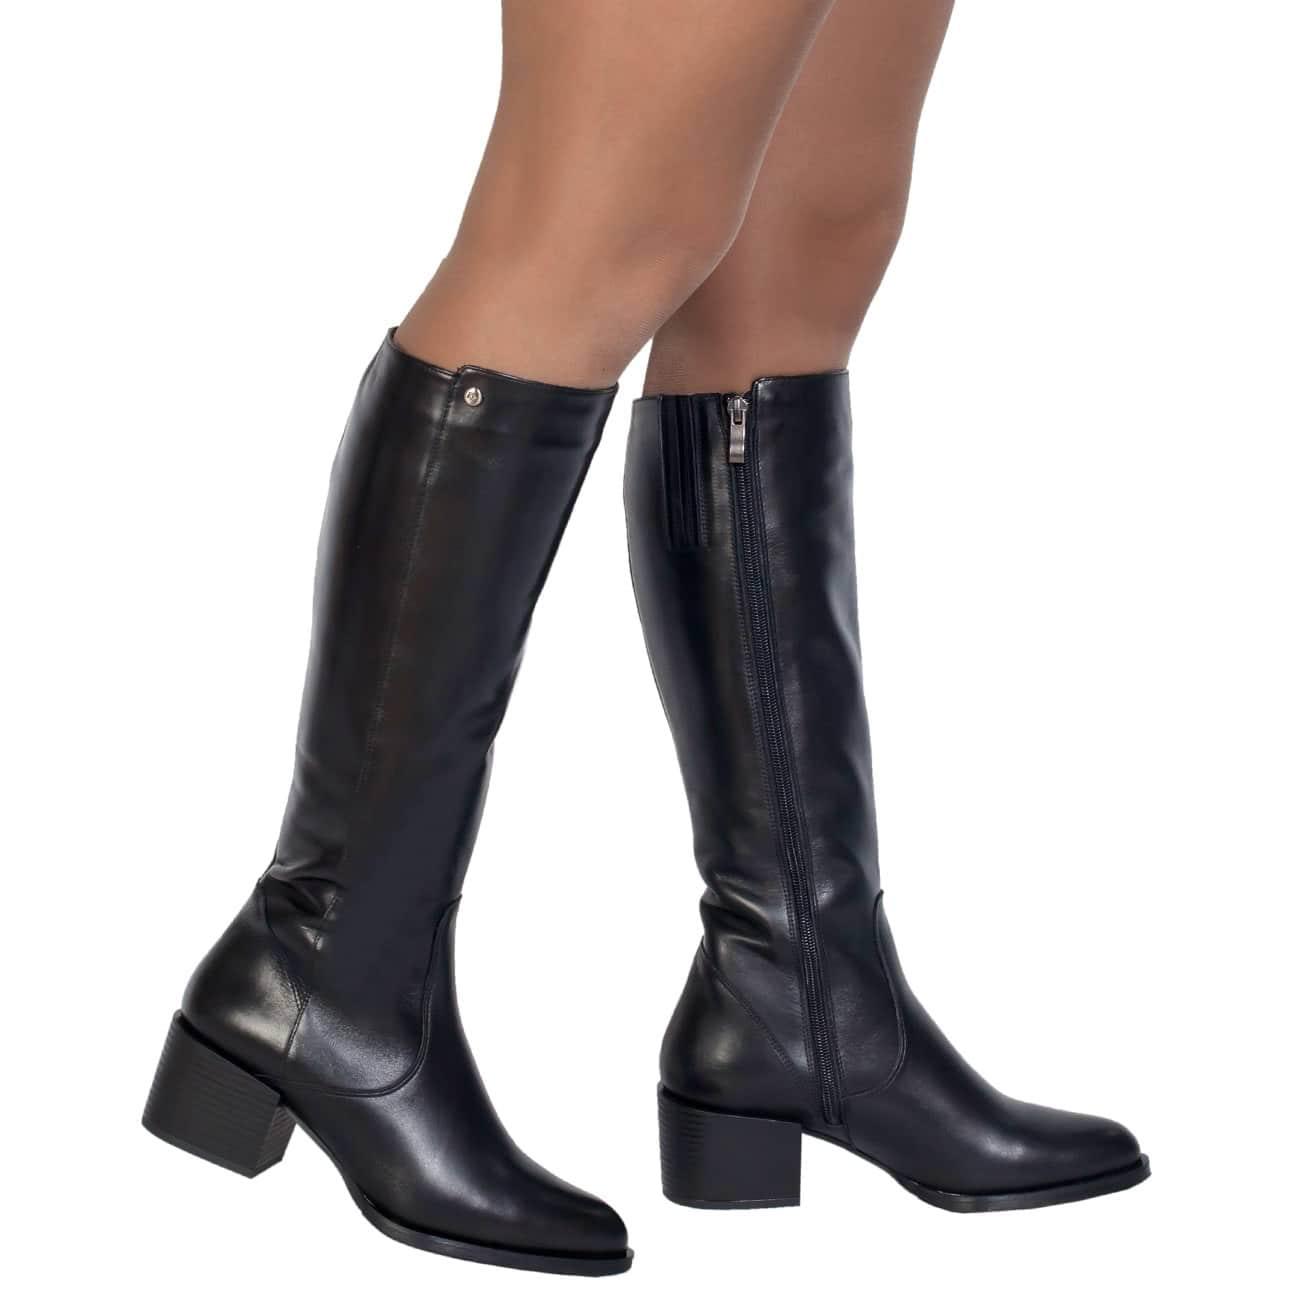 из-за несоблюдения кожаные сапоги в ростове женские фото даёт возможность делать